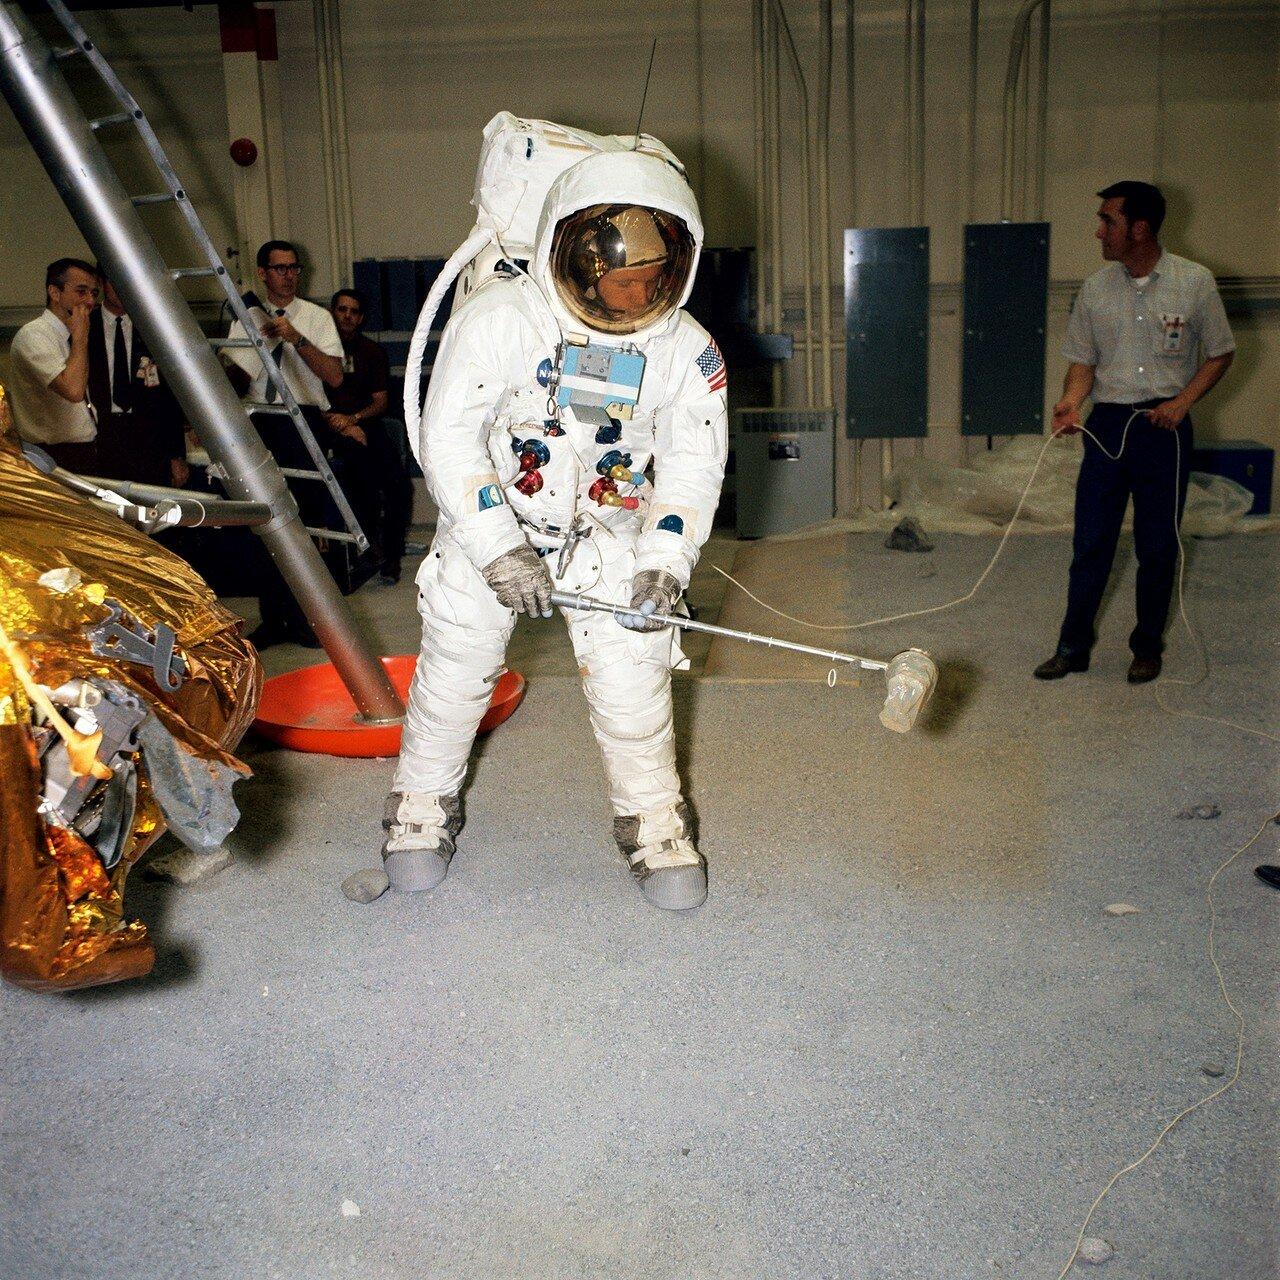 1969, 18 апреля. Армстронг имитирует сбор образцов лунного грунта во время тренировки в Центре пилотируемых полётов в Хьюстоне